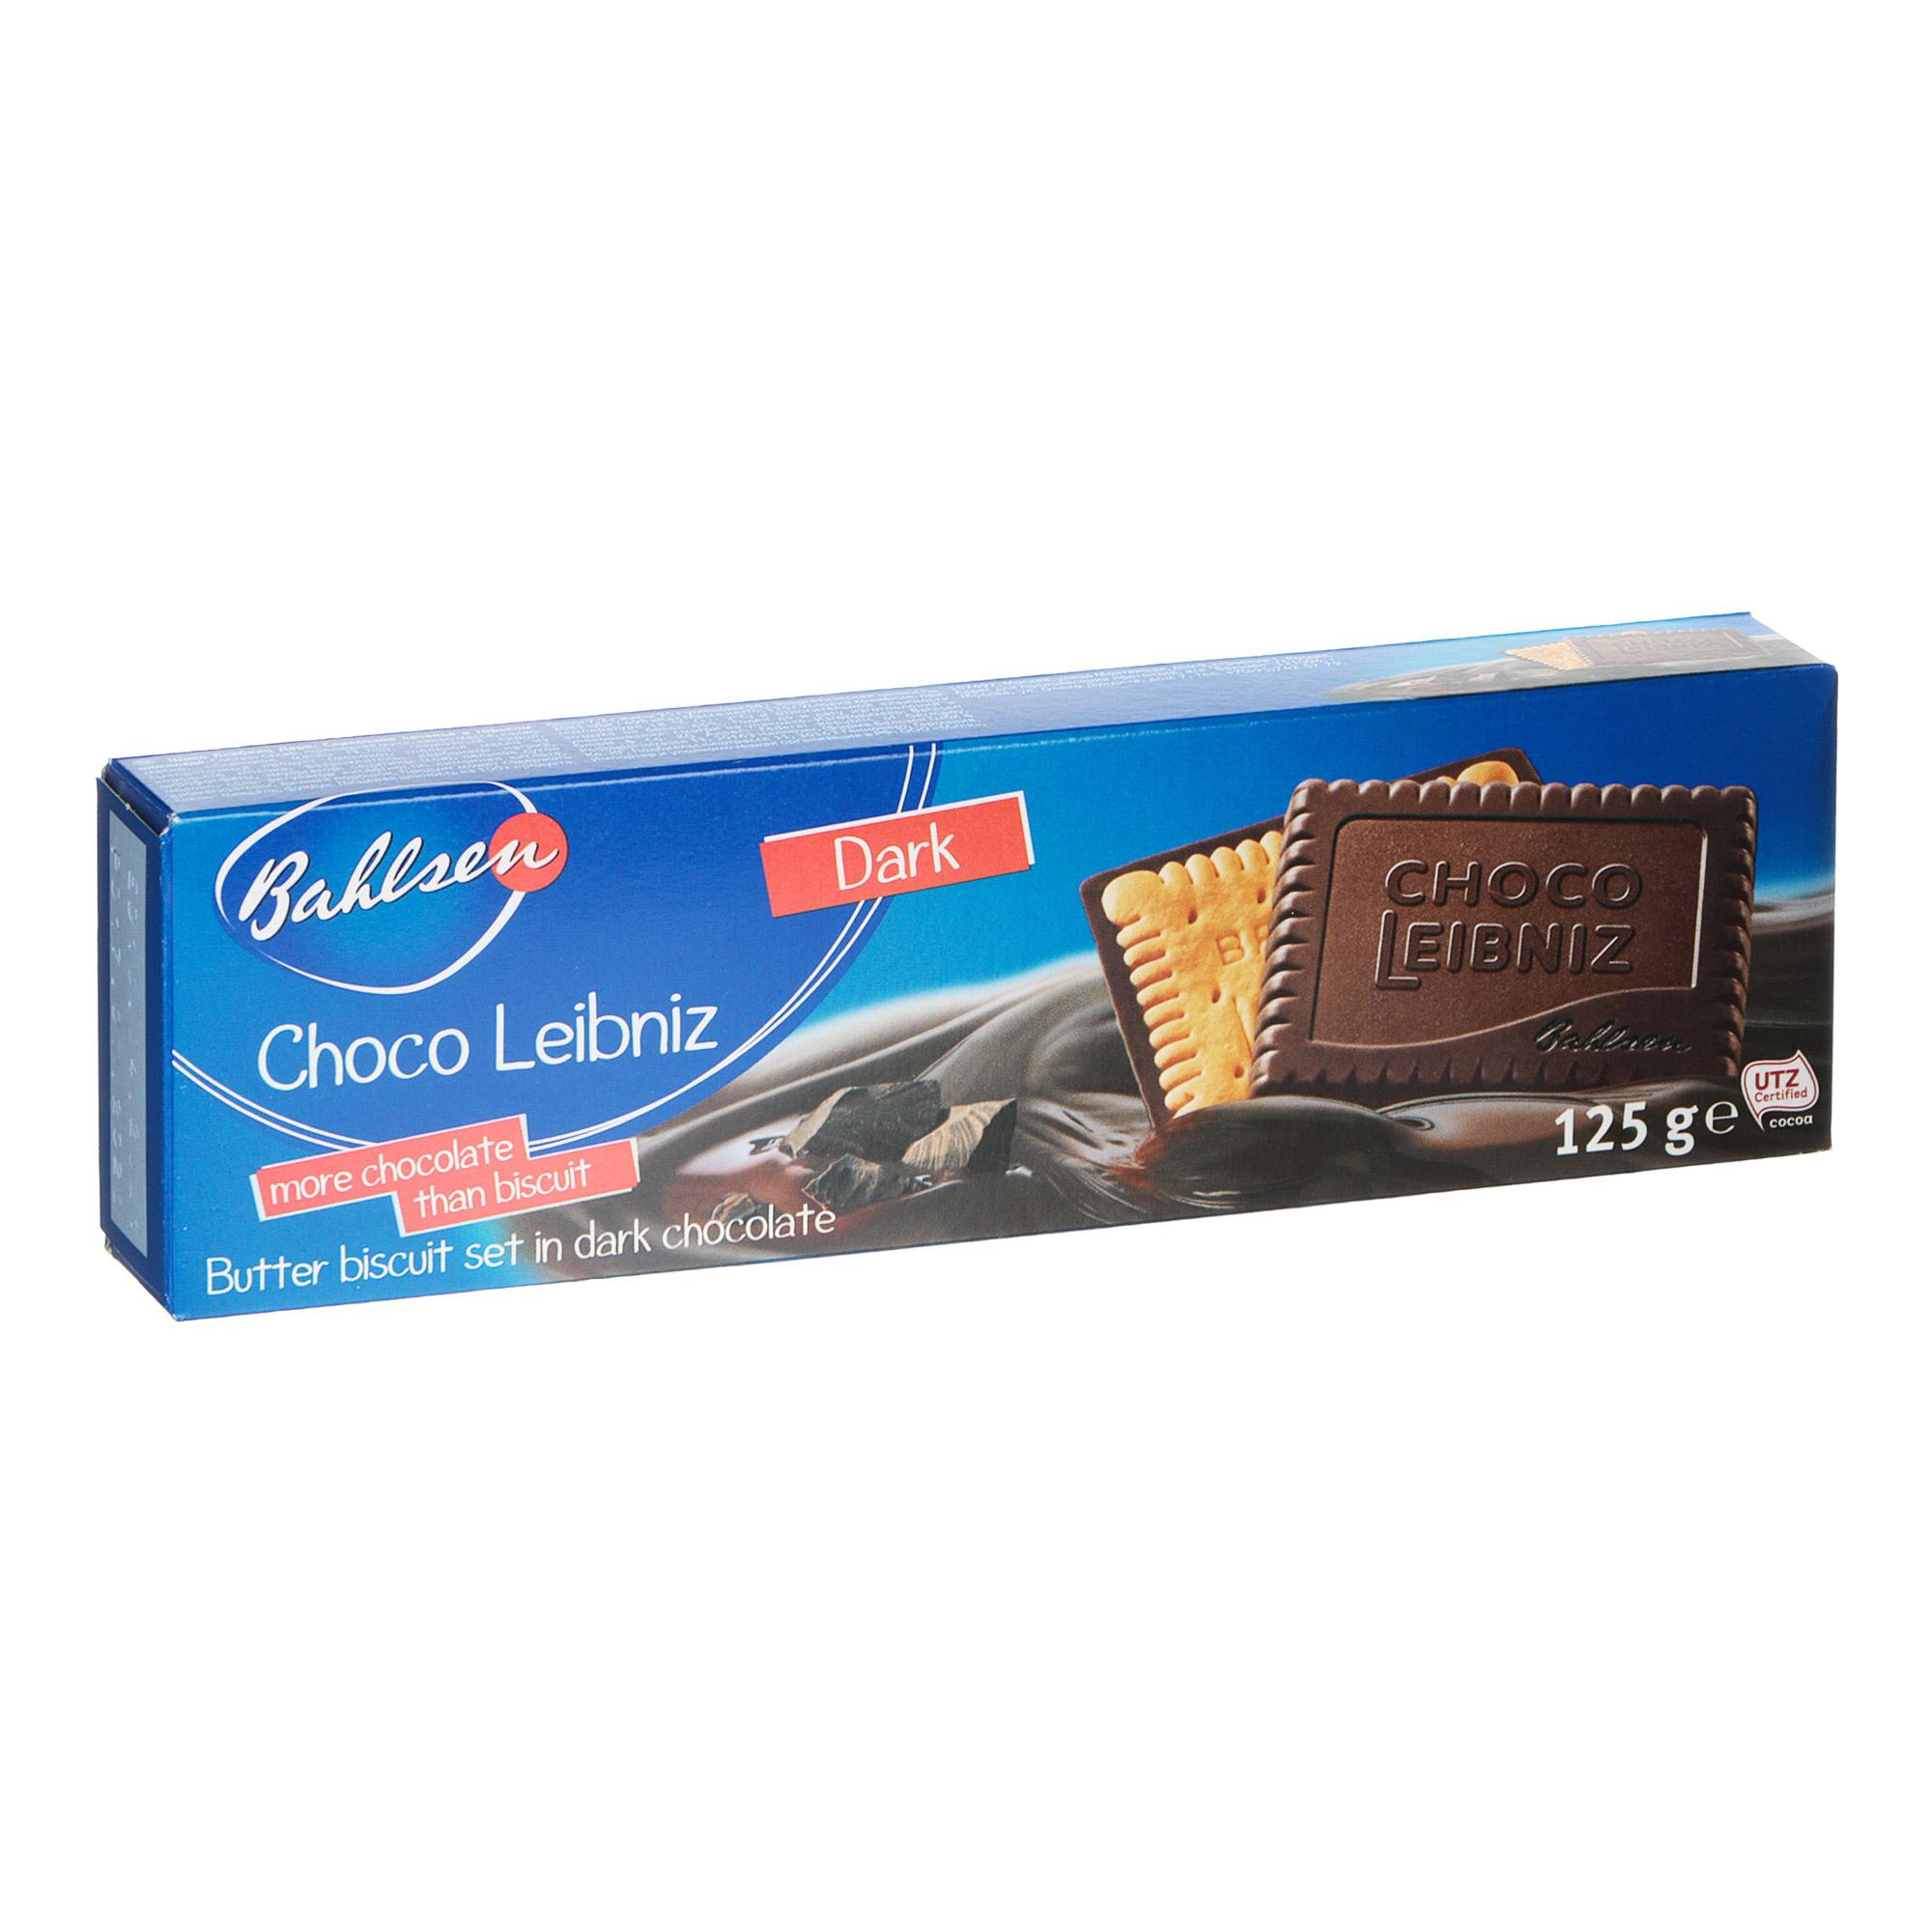 Печенье Bahlsen Dark Chocolate Сливочное в горьком шоколаде 125 г бальзен печенье choco leibniz сливочное в молочном шоколаде bahlsen